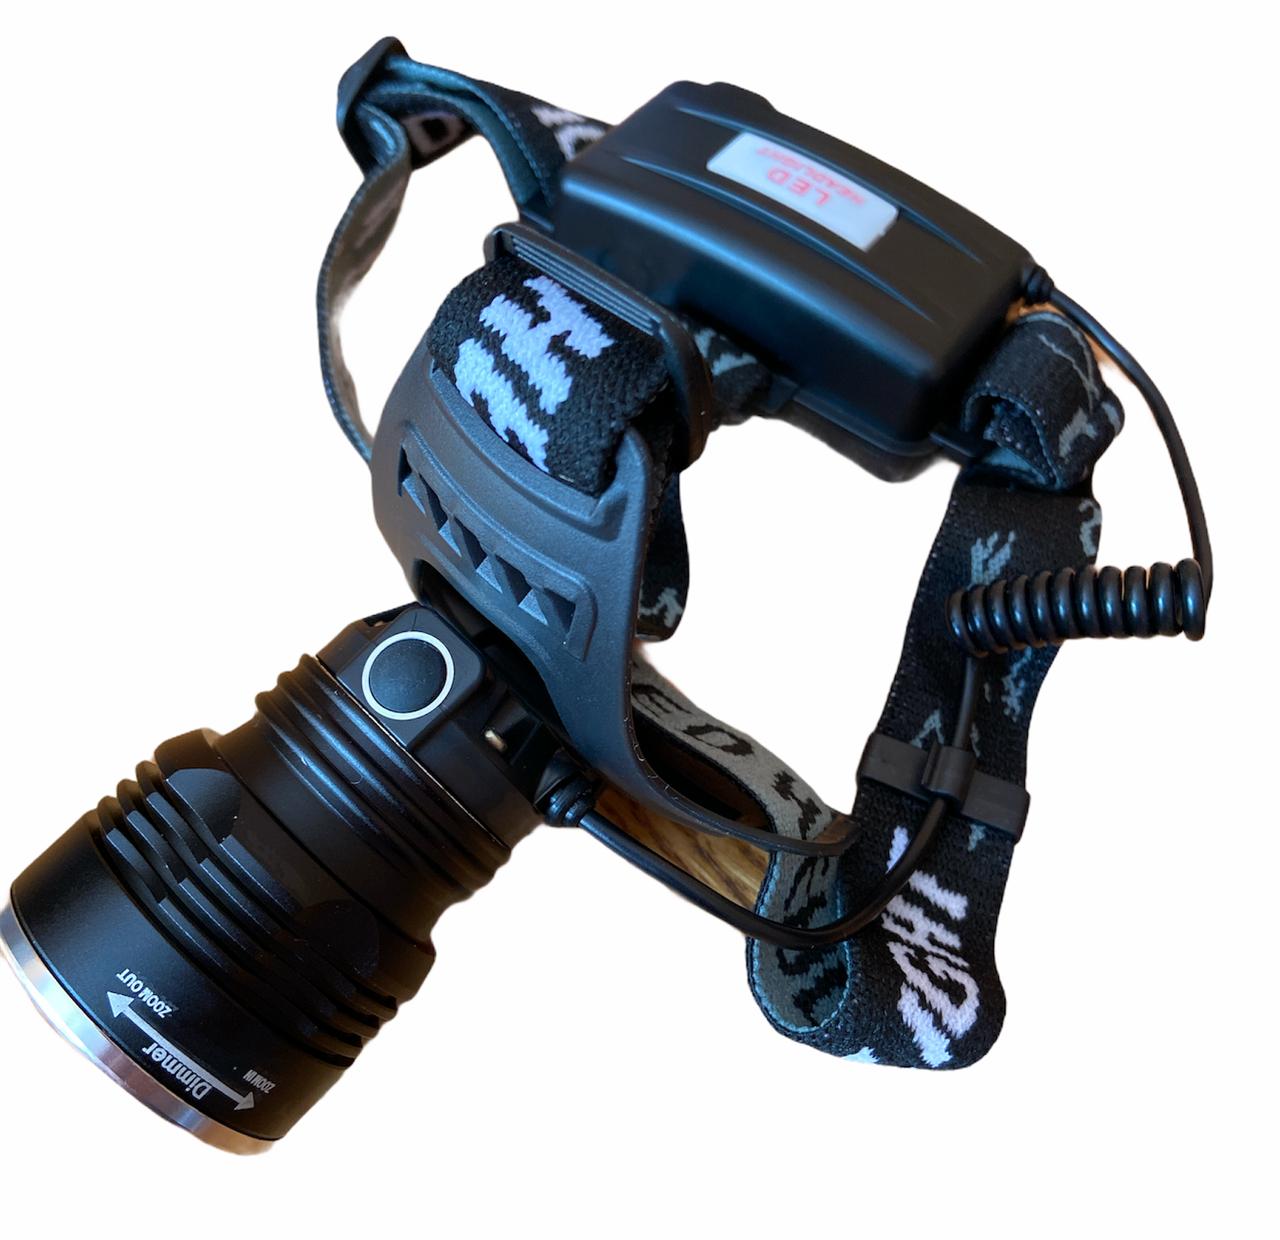 Налобний ліхтарик світлодіодний аккумуляторний BL-T907-T6 2*18650 ZOOM